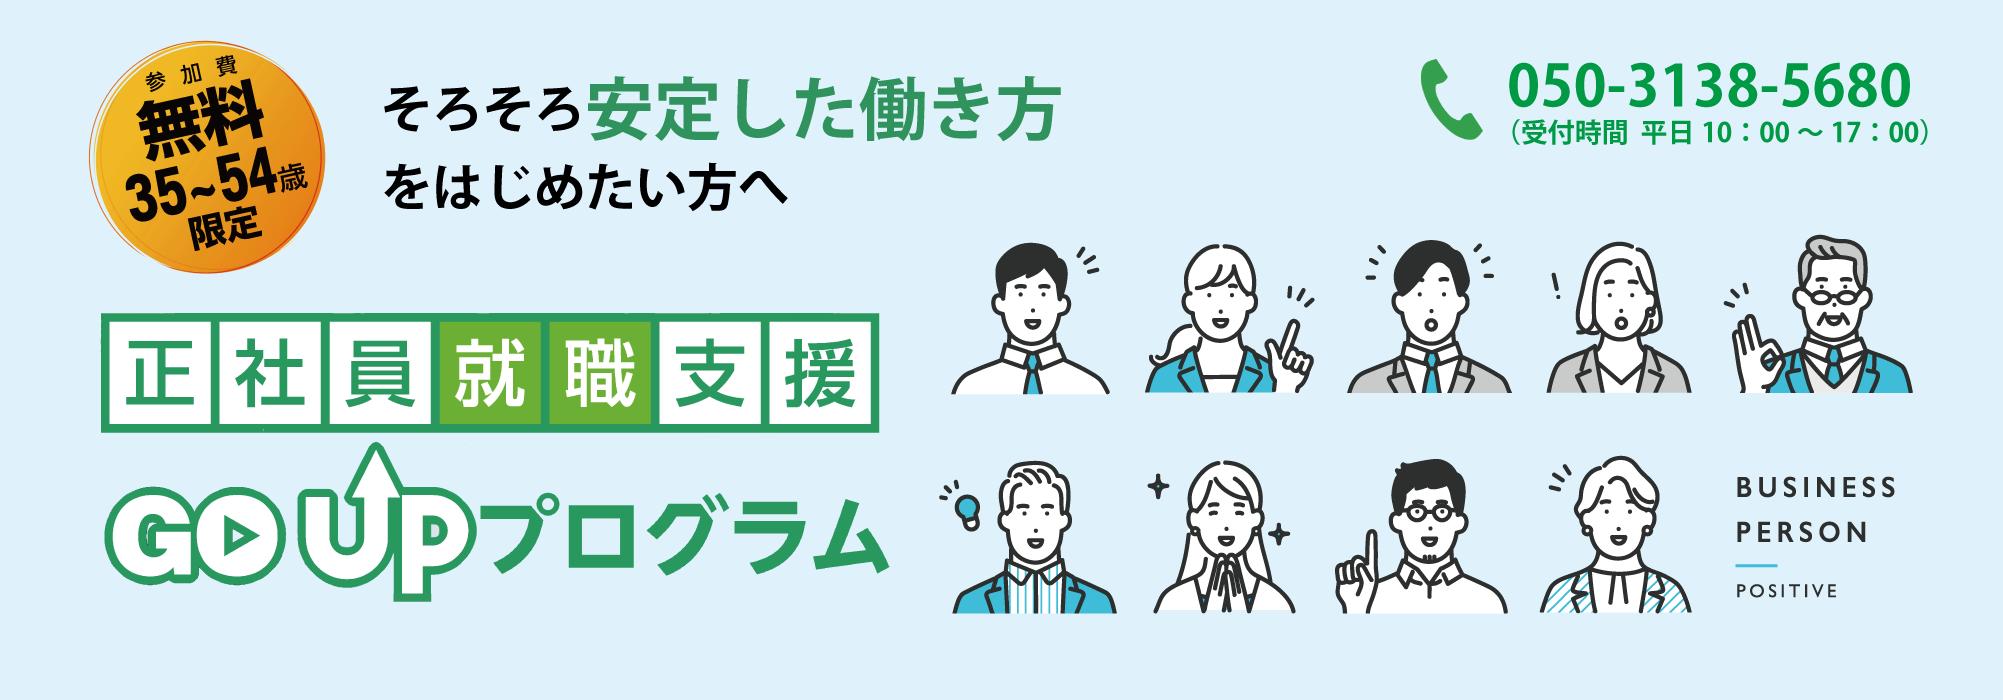 20210613神奈川メインビジュアルver7_02